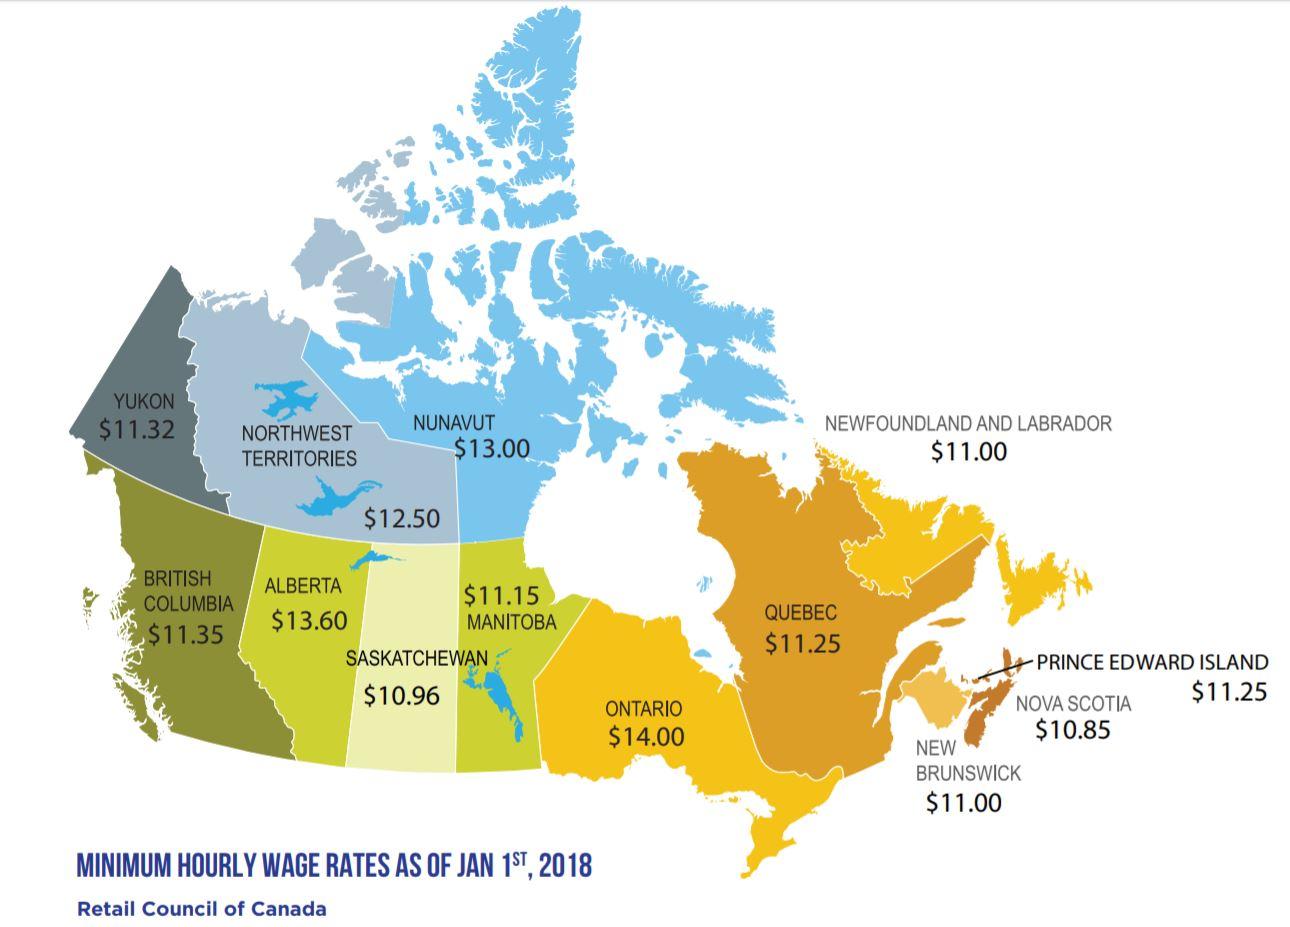 Mindestlohn Kanada Jan 2018